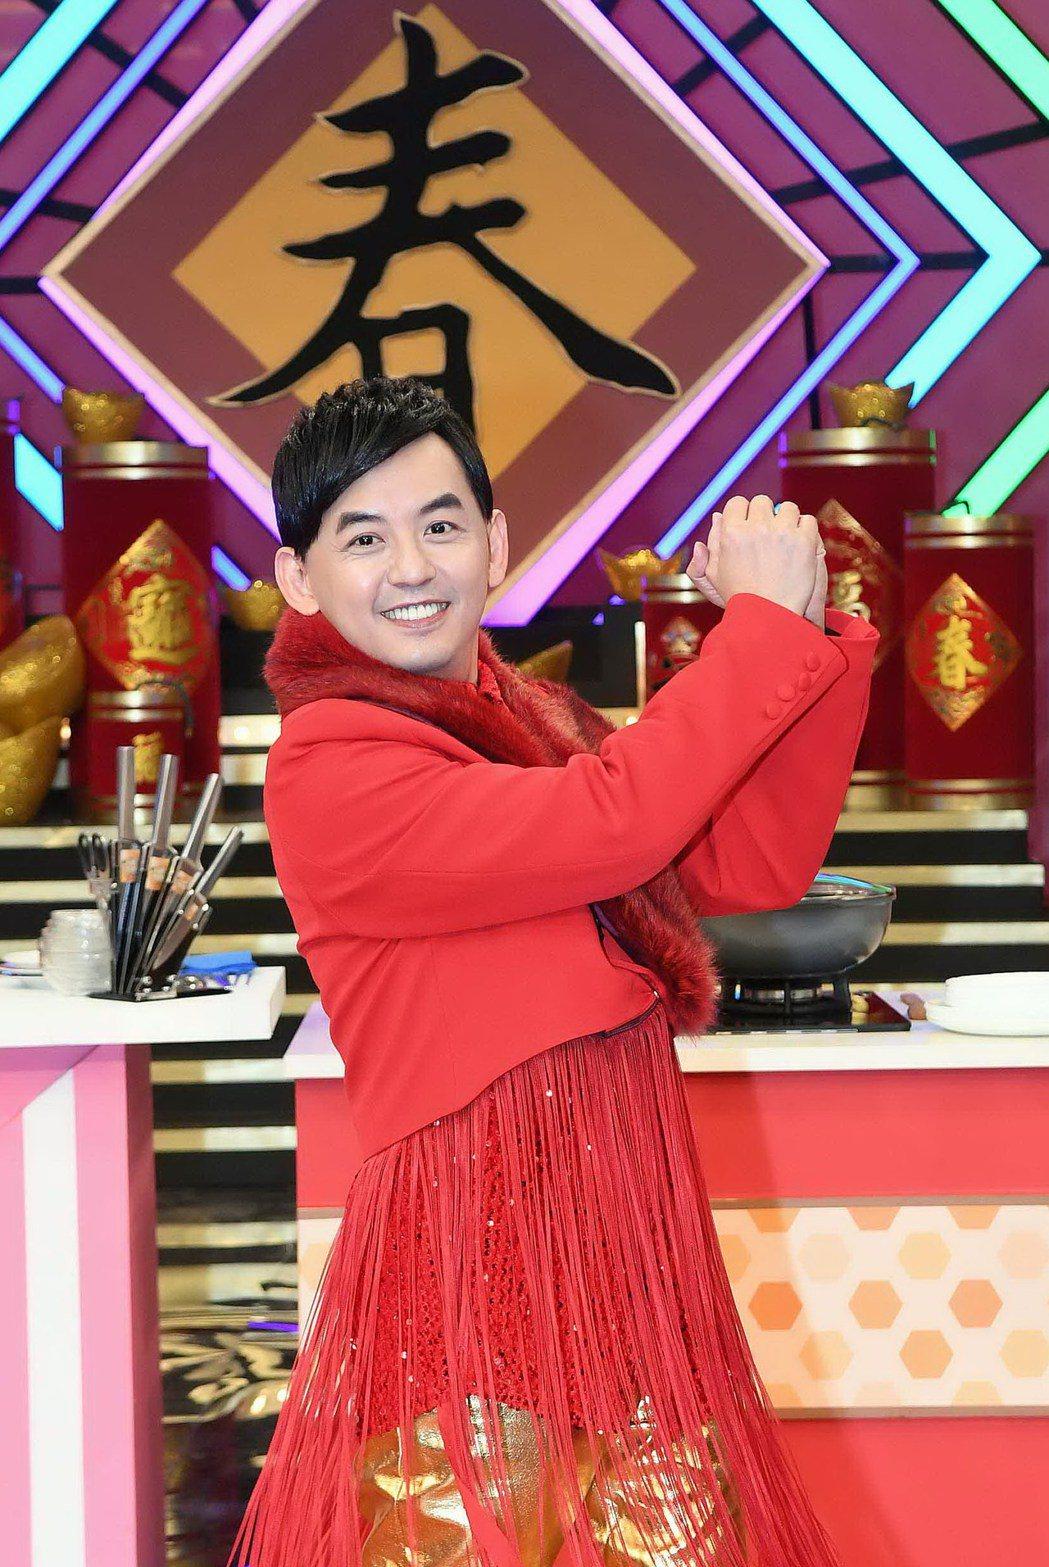 黃子佼主持華視新春特別節目「牛兆豐年賀新春-女王當家初一特企」。圖/華視提供